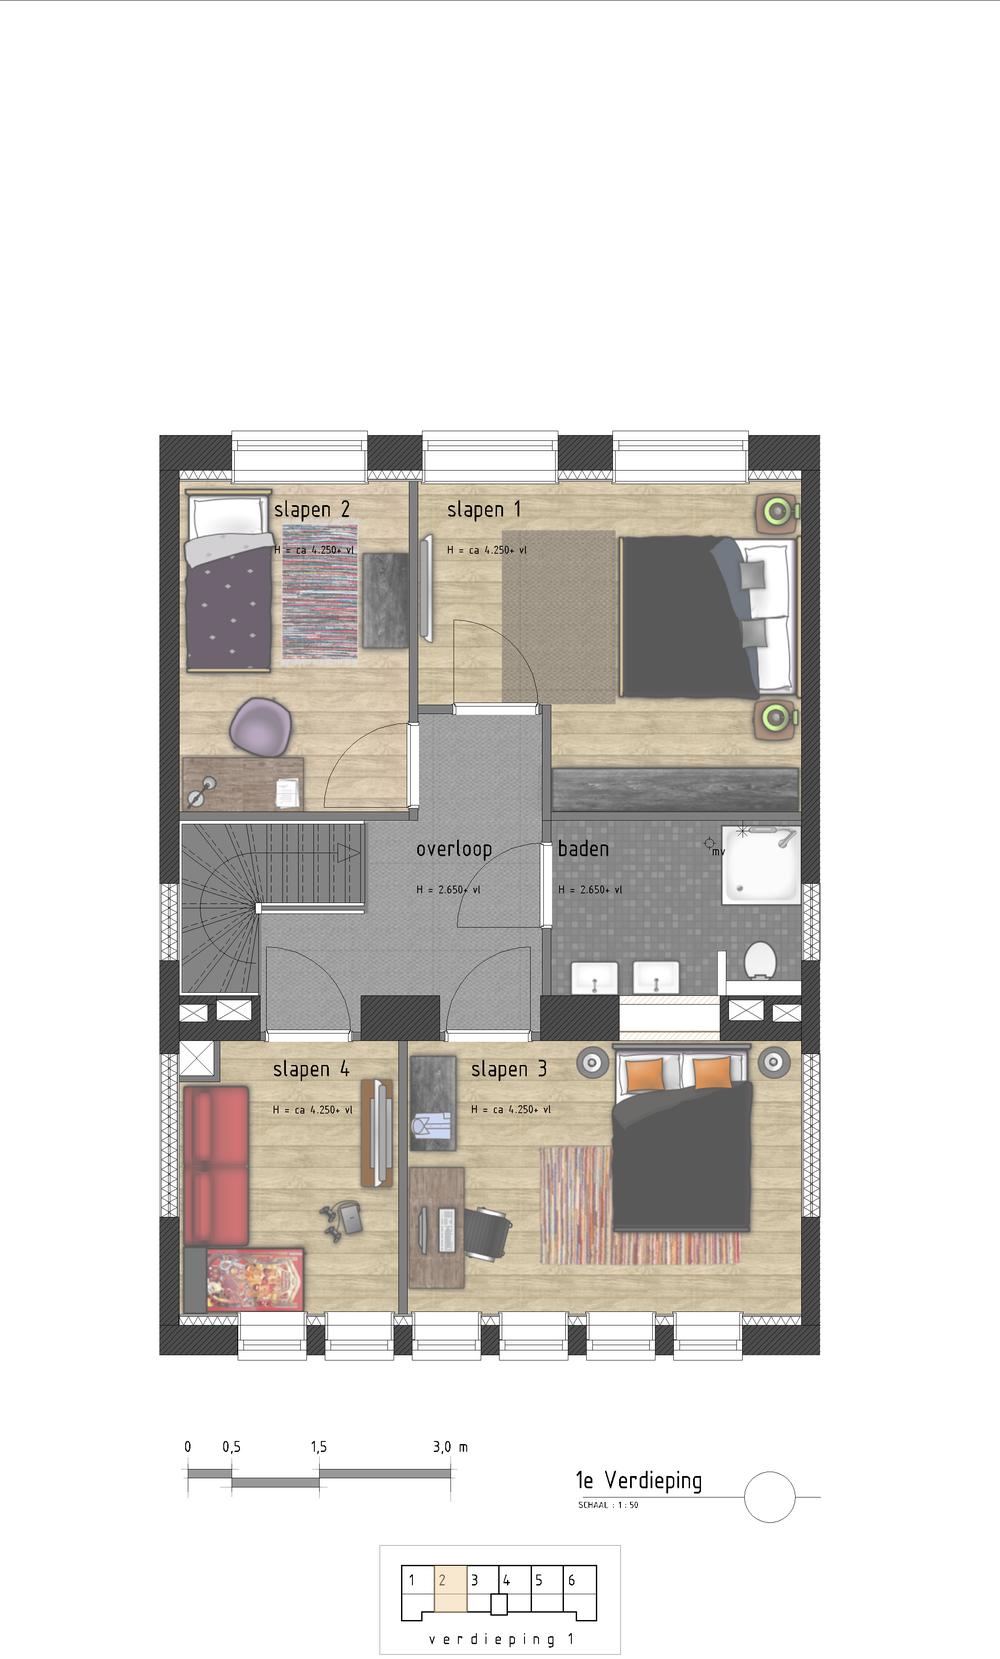 t.008_BA 120.Plattegronden.Floorplanner - d.d. 14.11.2016-02.01.png